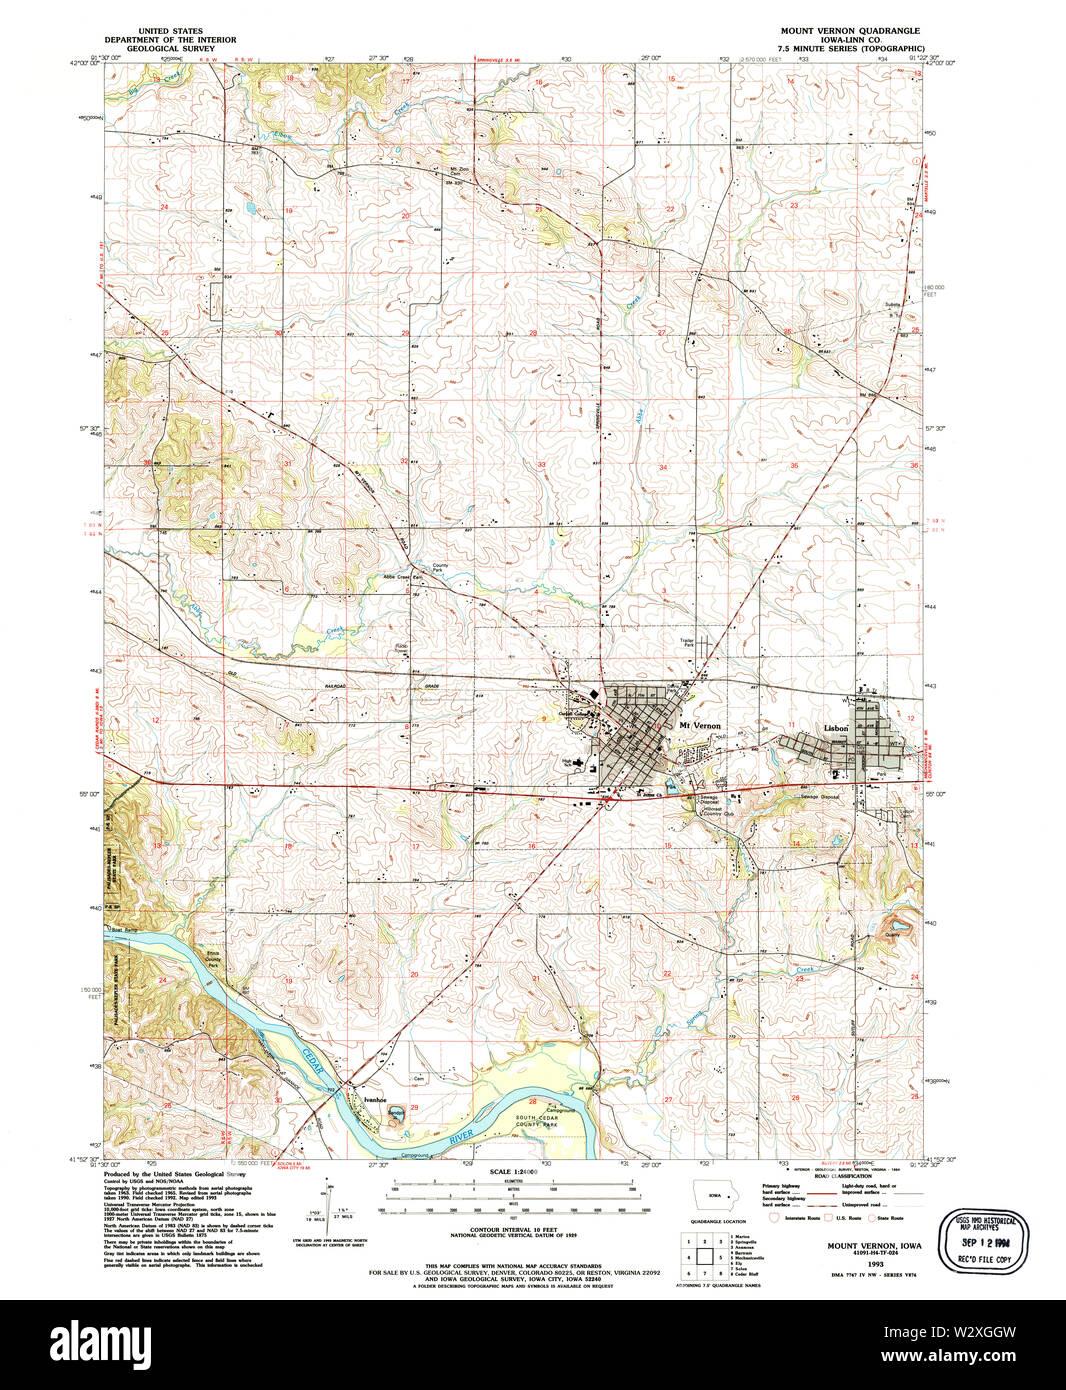 mount vernon iowa map Usgs Topo Maps Iowa Ia Mount Vernon 175212 1993 24000 Restoration mount vernon iowa map